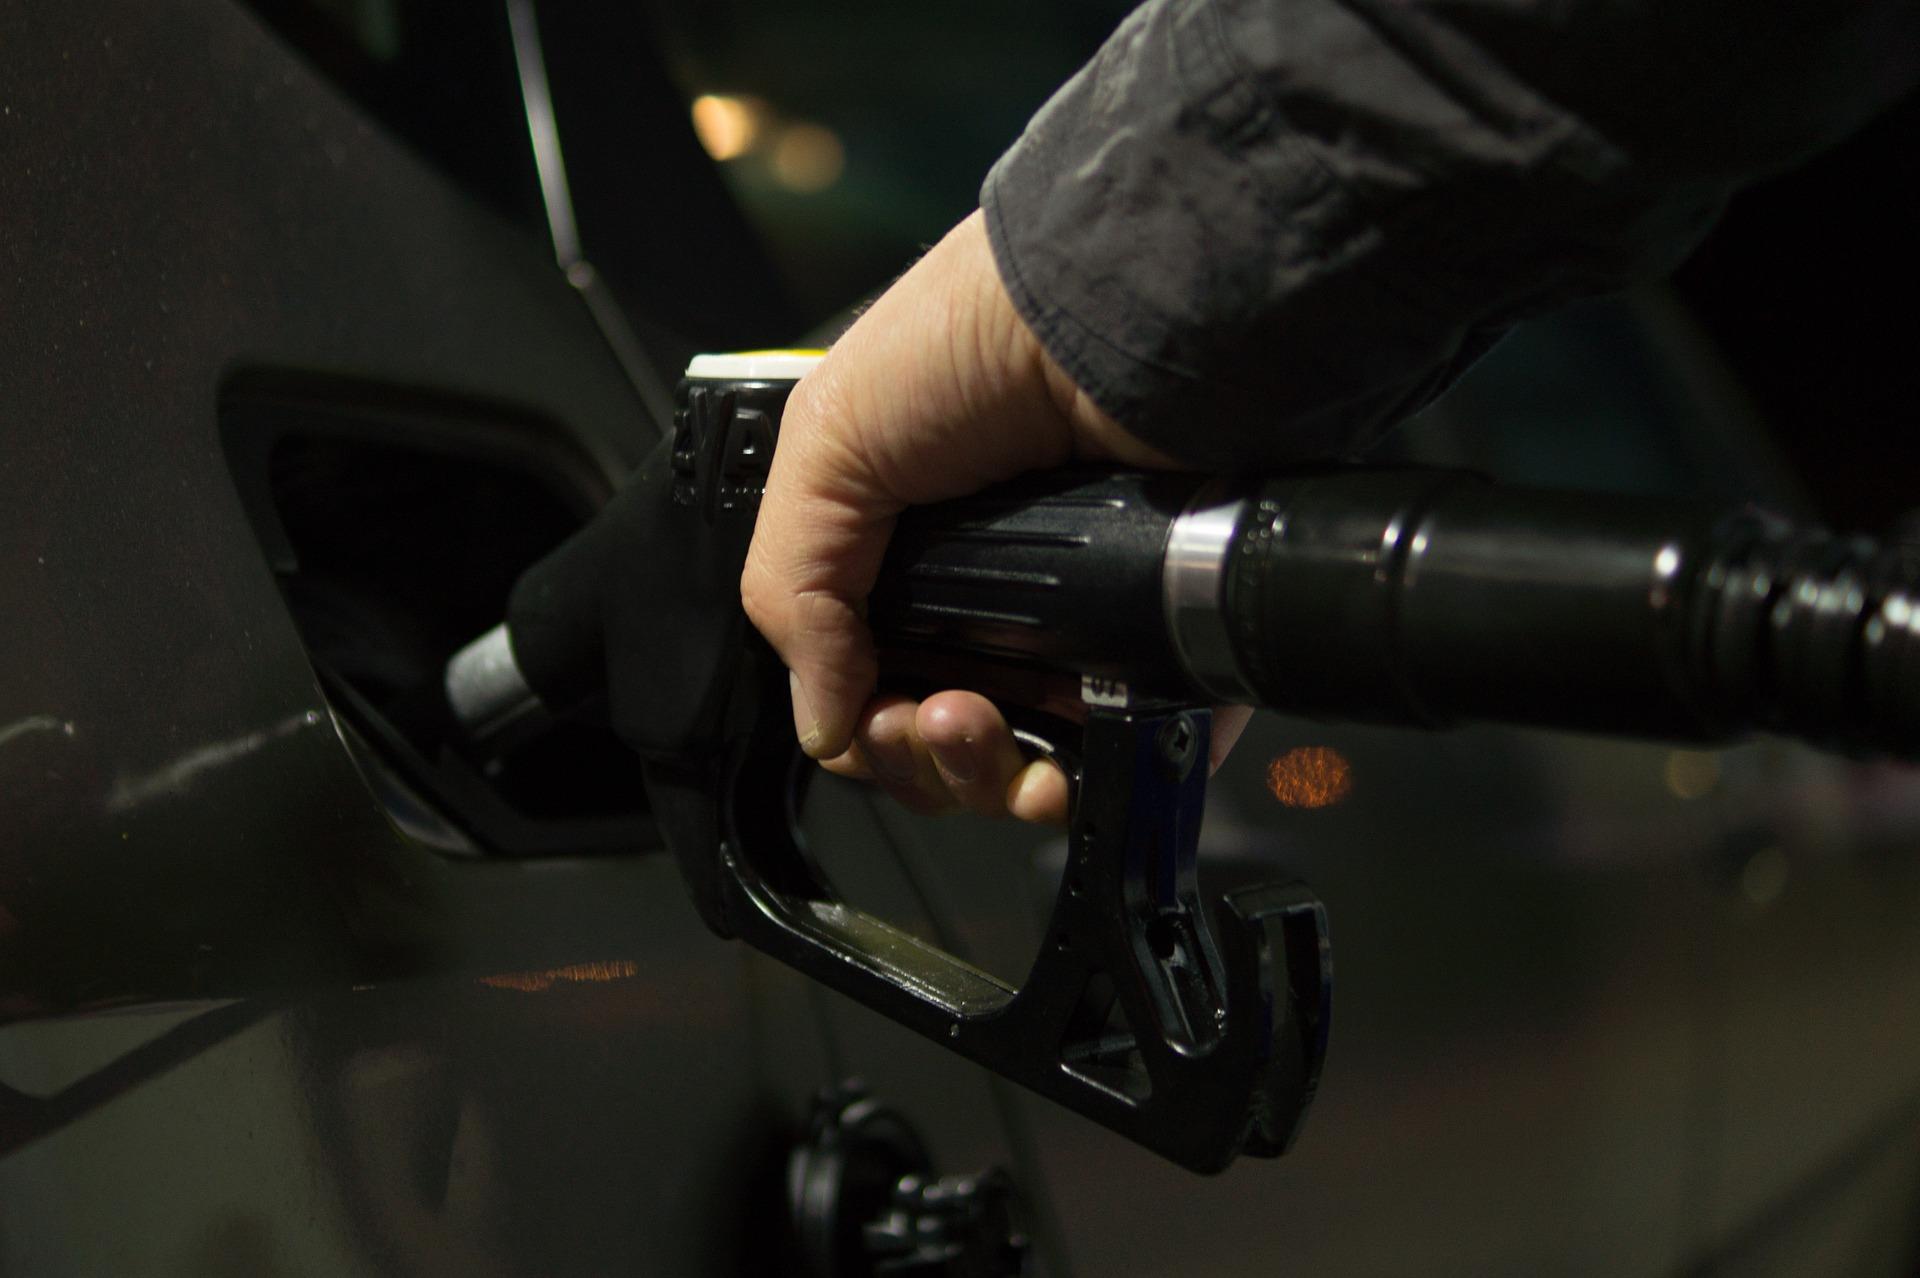 petrol 996617 1920 - Dicas infalíveis para economizar gasolina